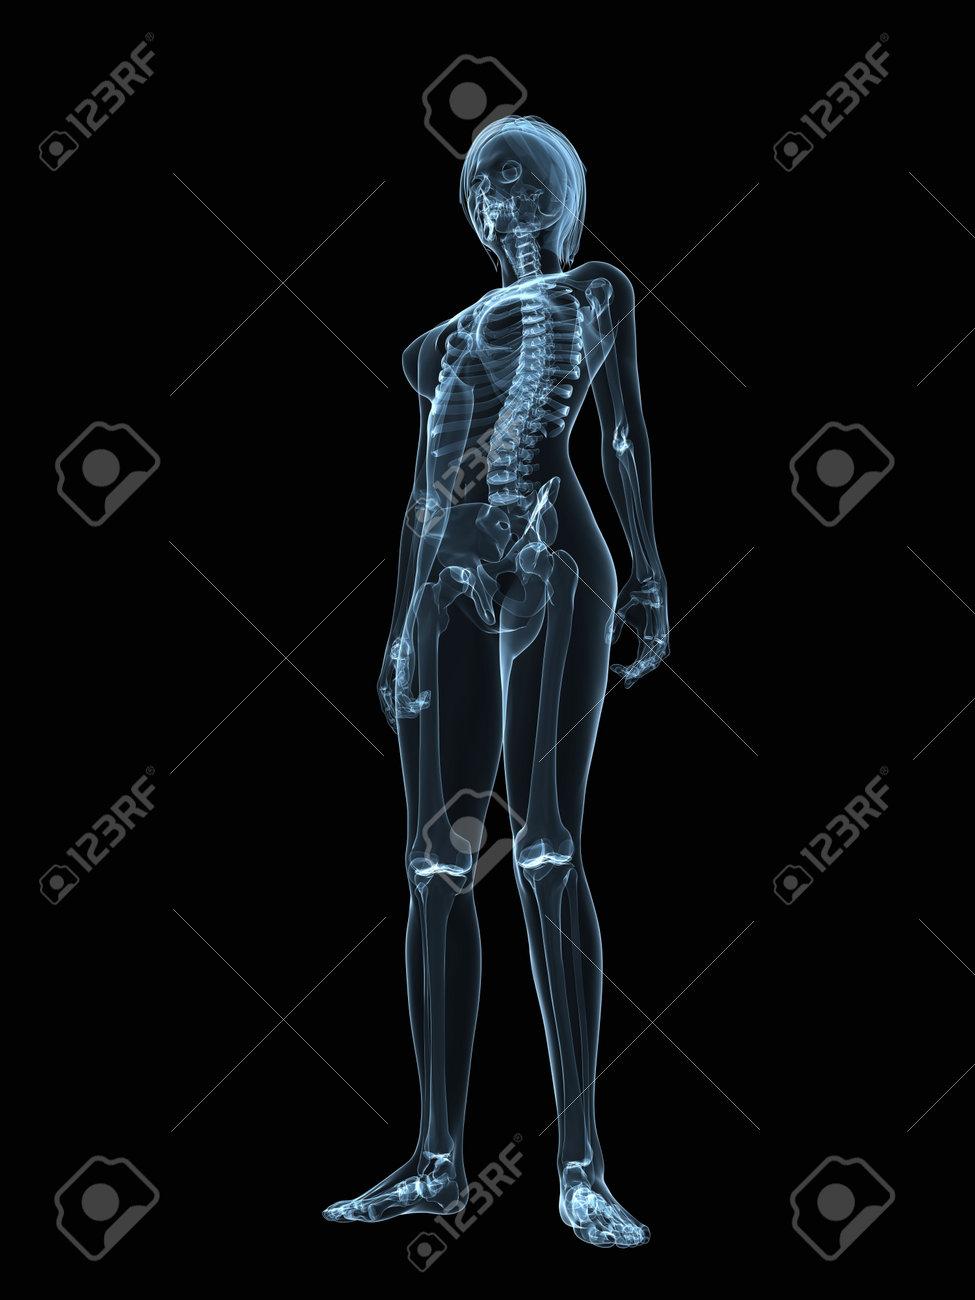 Atemberaubend Anatomie Und Physiologie Skelettsystem Kennzeichnung ...